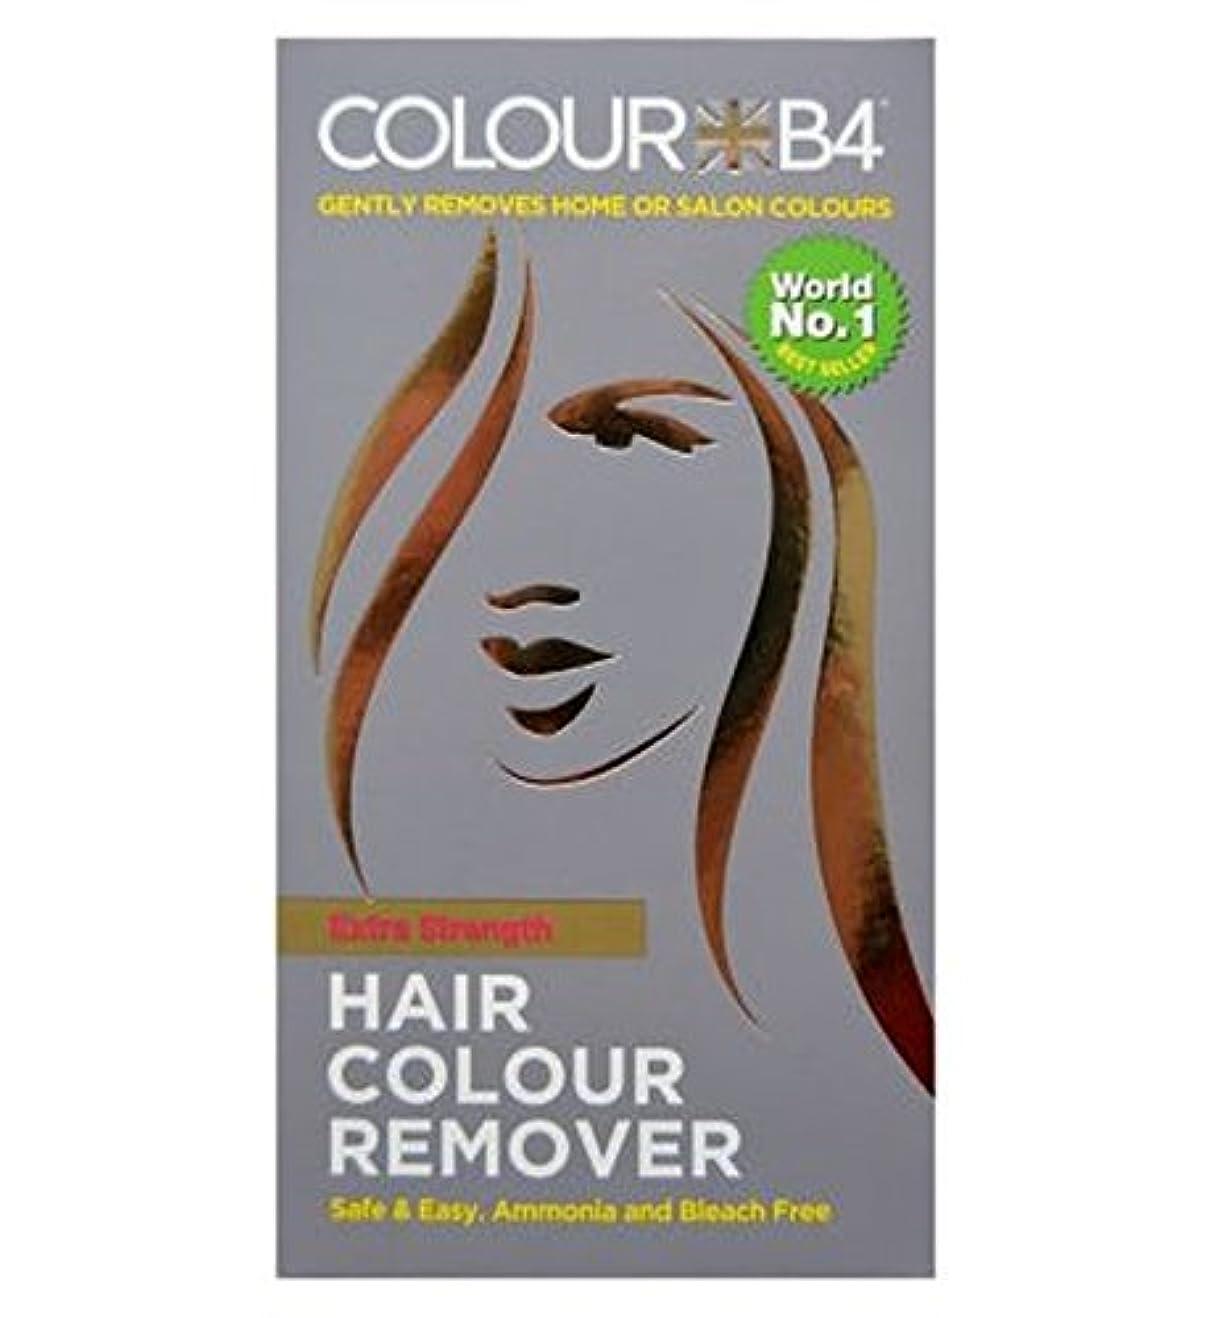 ダブル目の前のチロColour B4. Hair colour remover extra strength - カラーB4。ヘアカラーリムーバー余分な強さ (ColourB4) [並行輸入品]